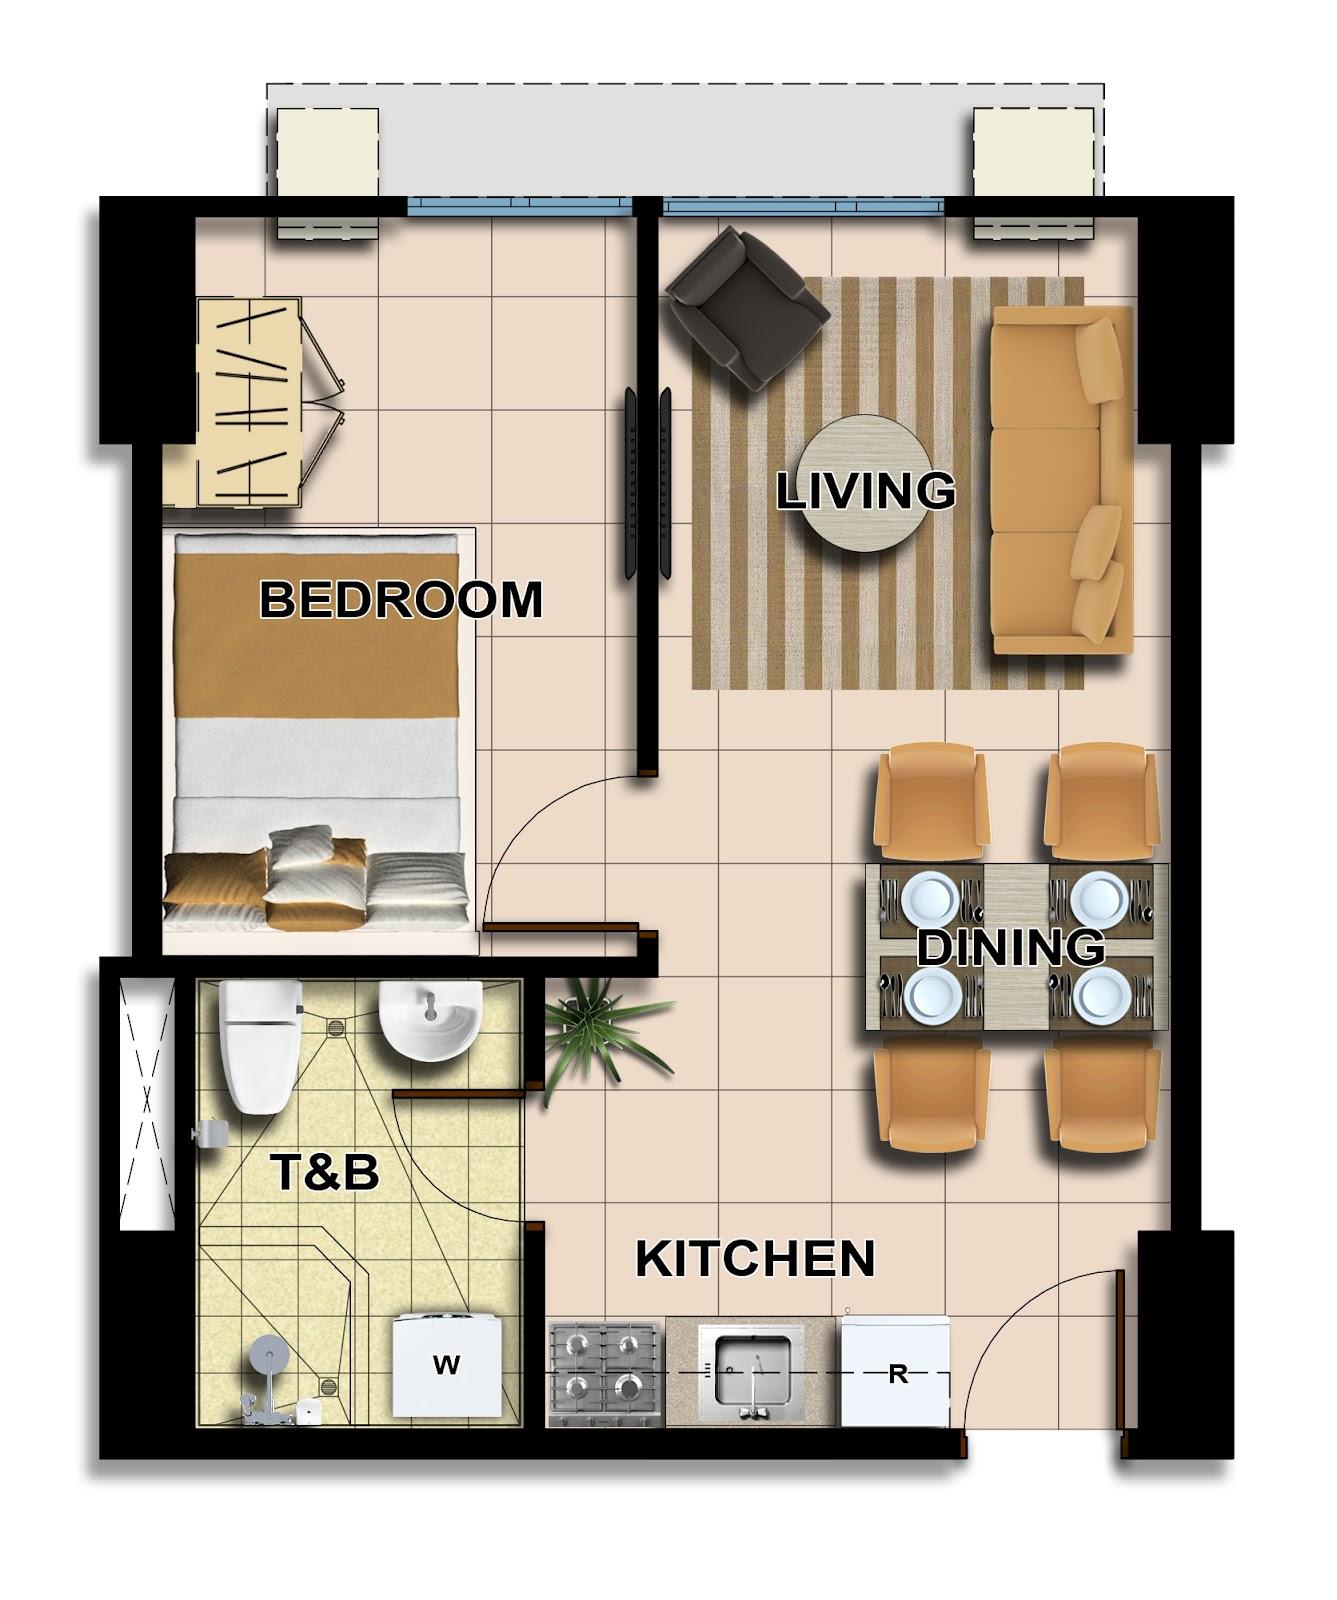 Avida Towers Centera Condo In Mandaluyong Avida Towers